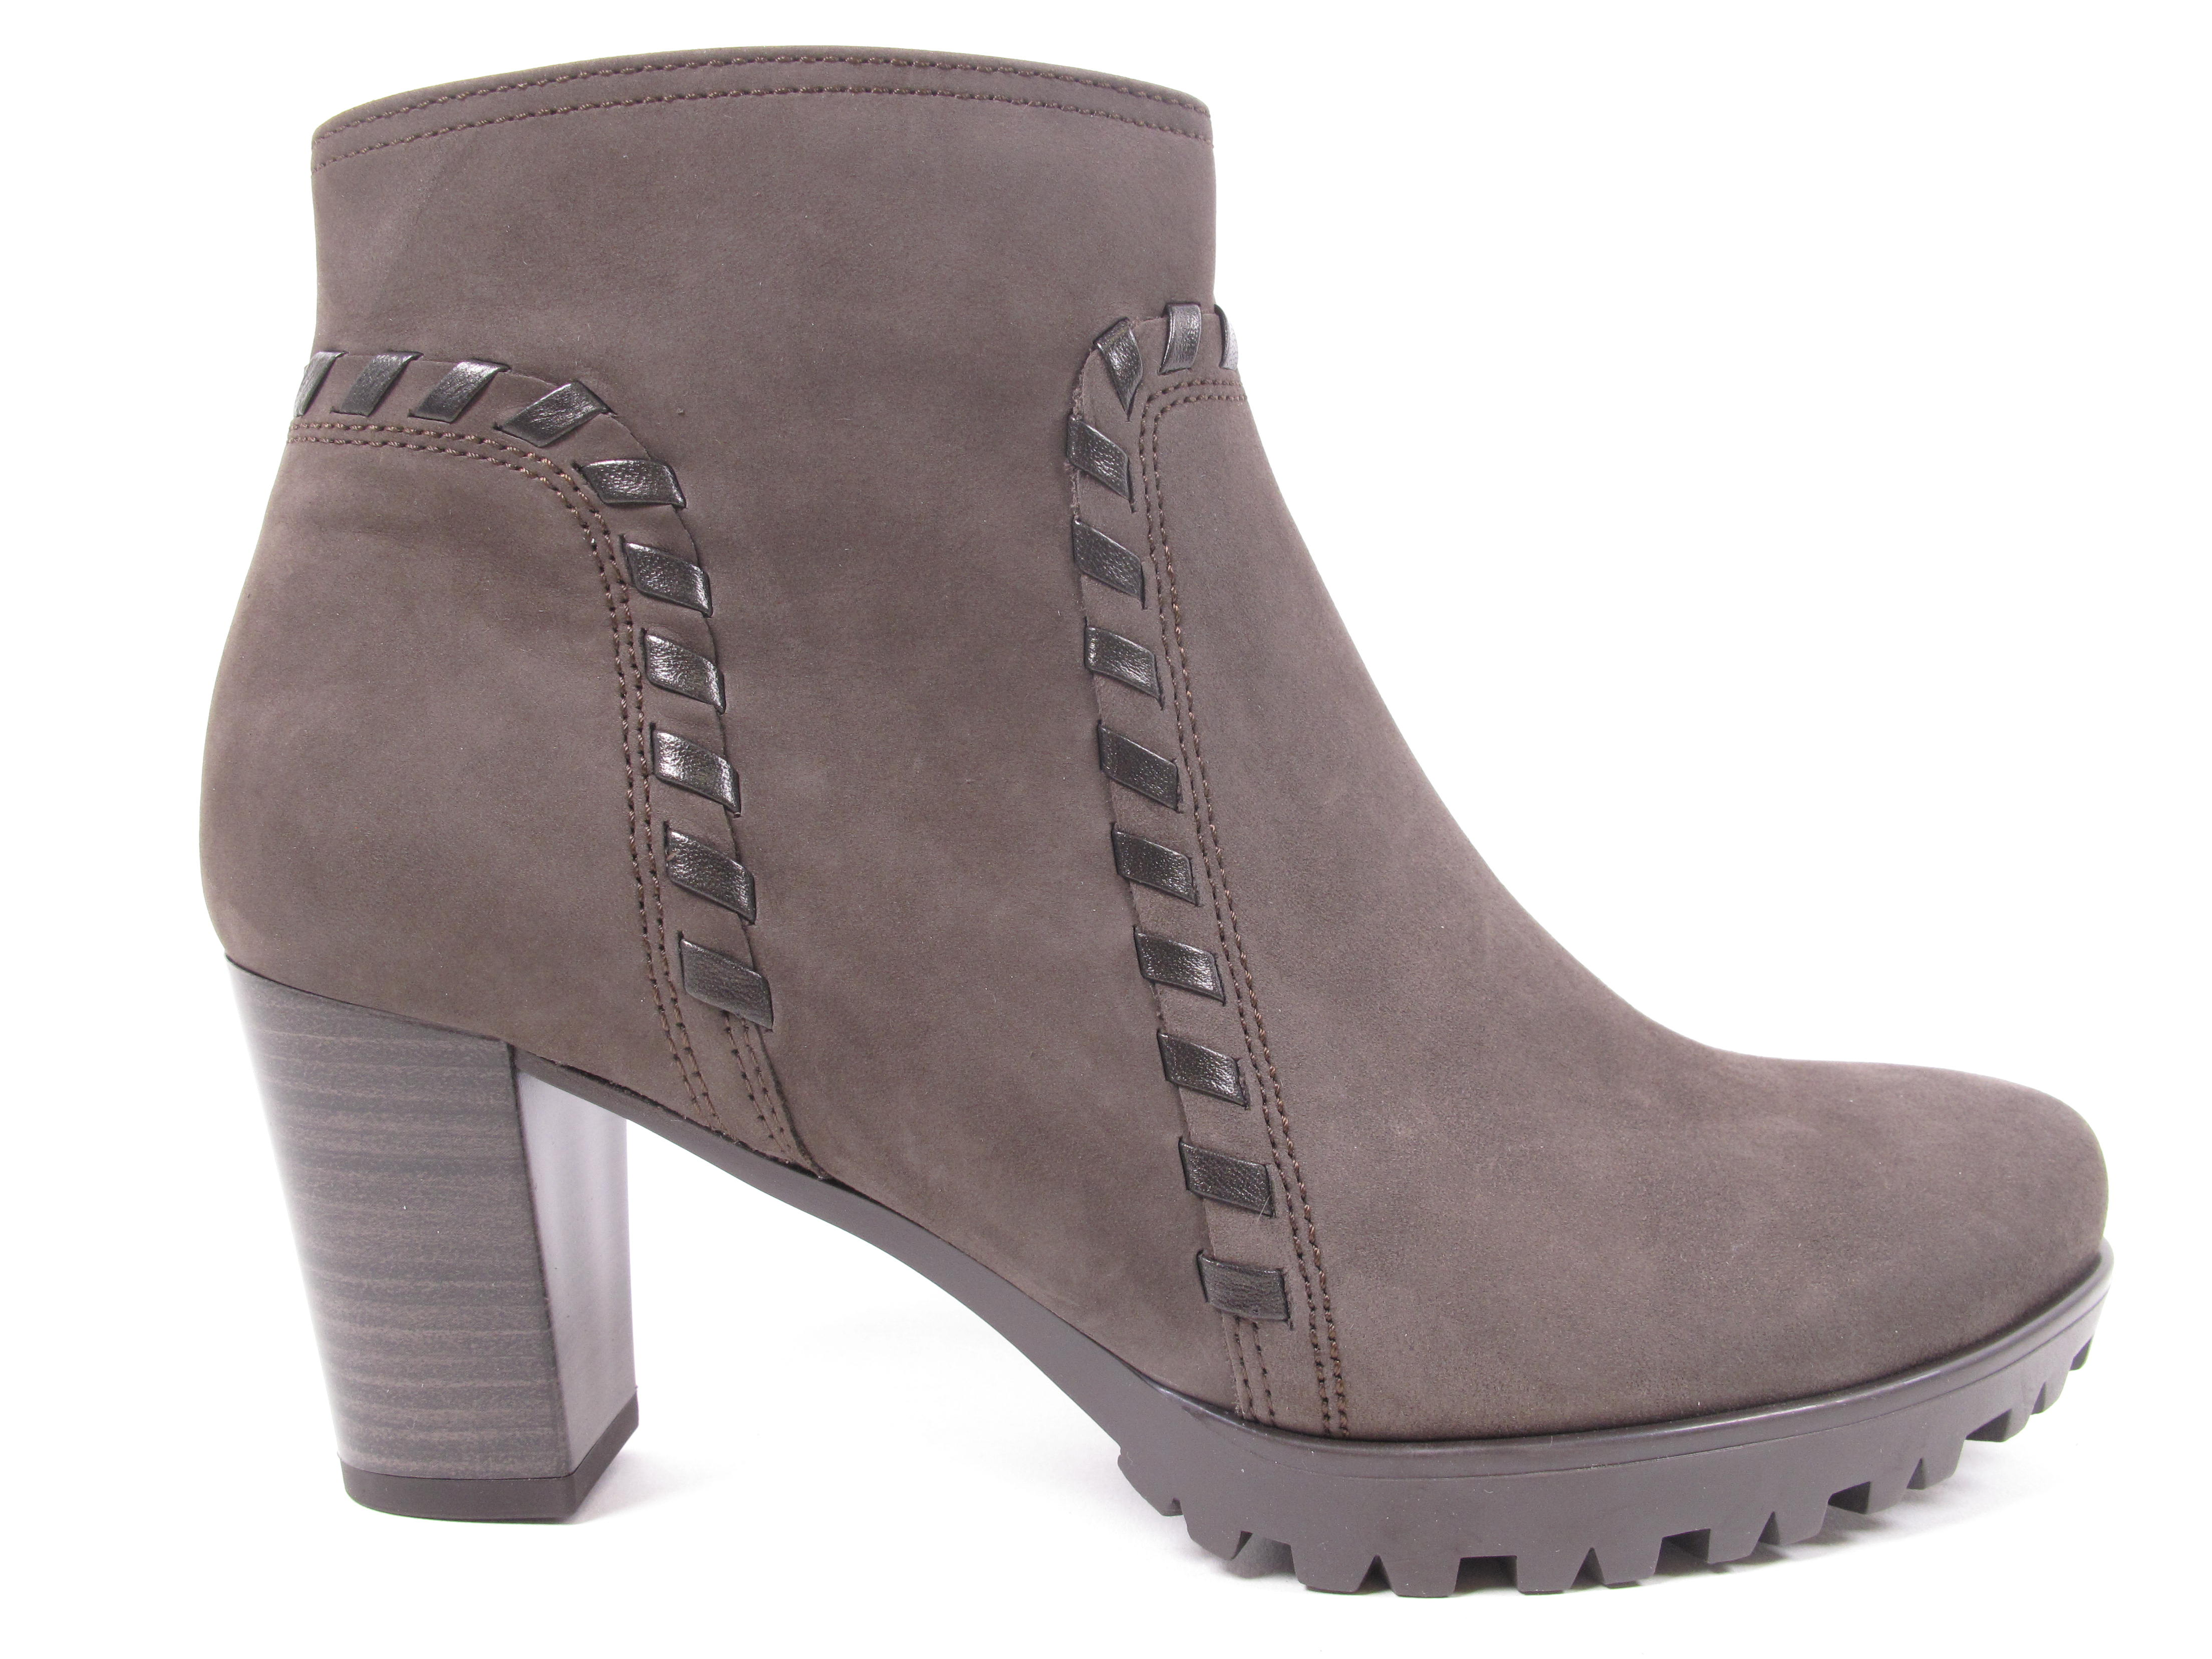 Zapatos especiales con descuento GABOR Ancona Botas Mujer Botas Botines 72.864.29 gris NUEVO